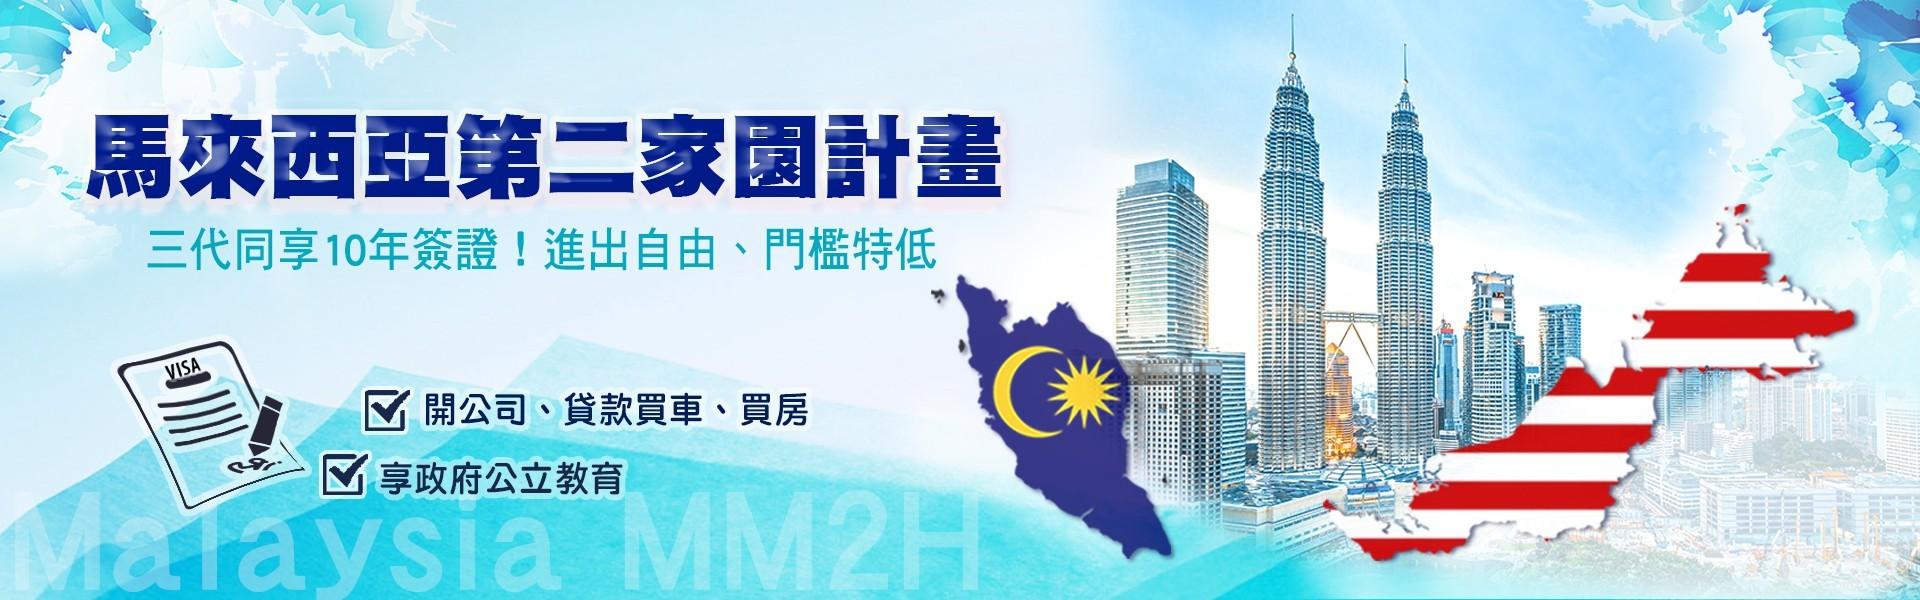 馬來西亞快速簽證!